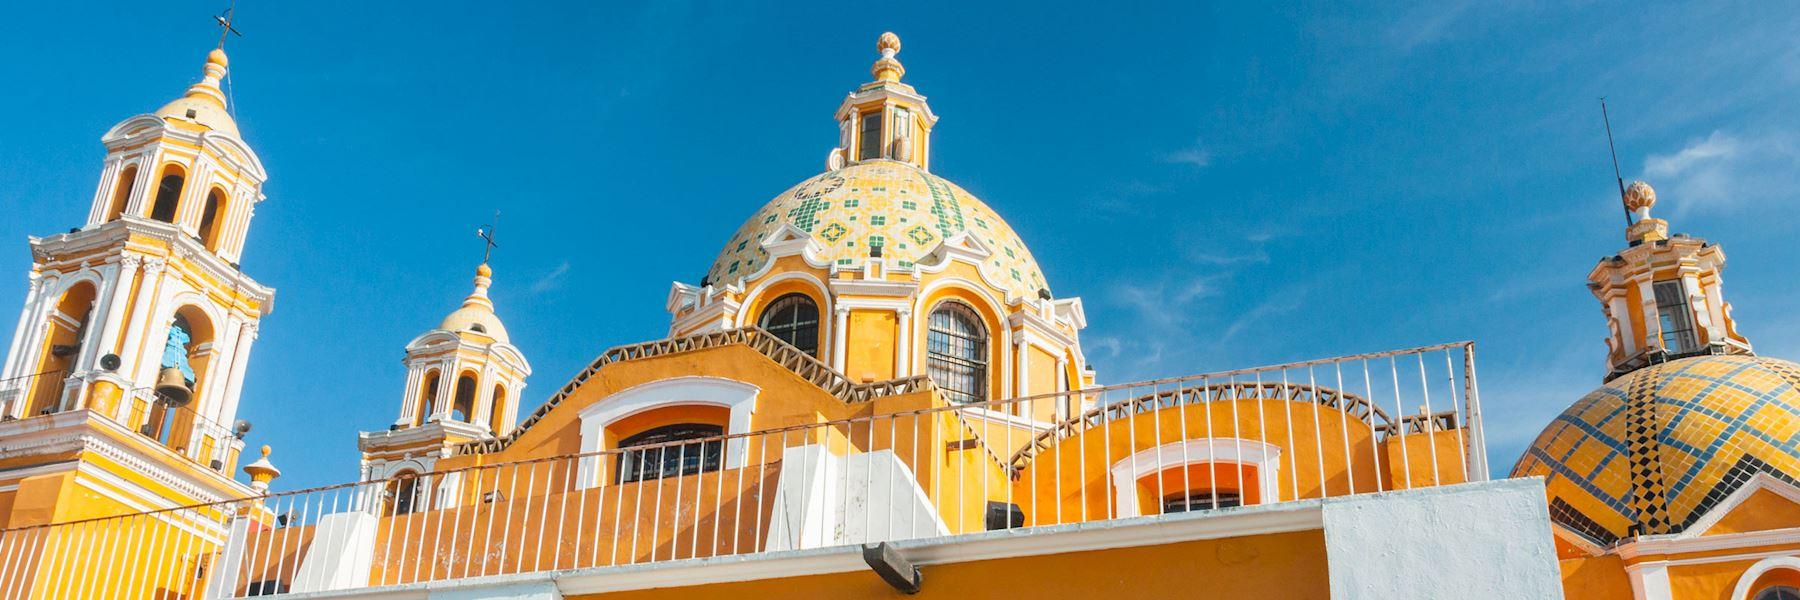 Visit Puebla, Mexico